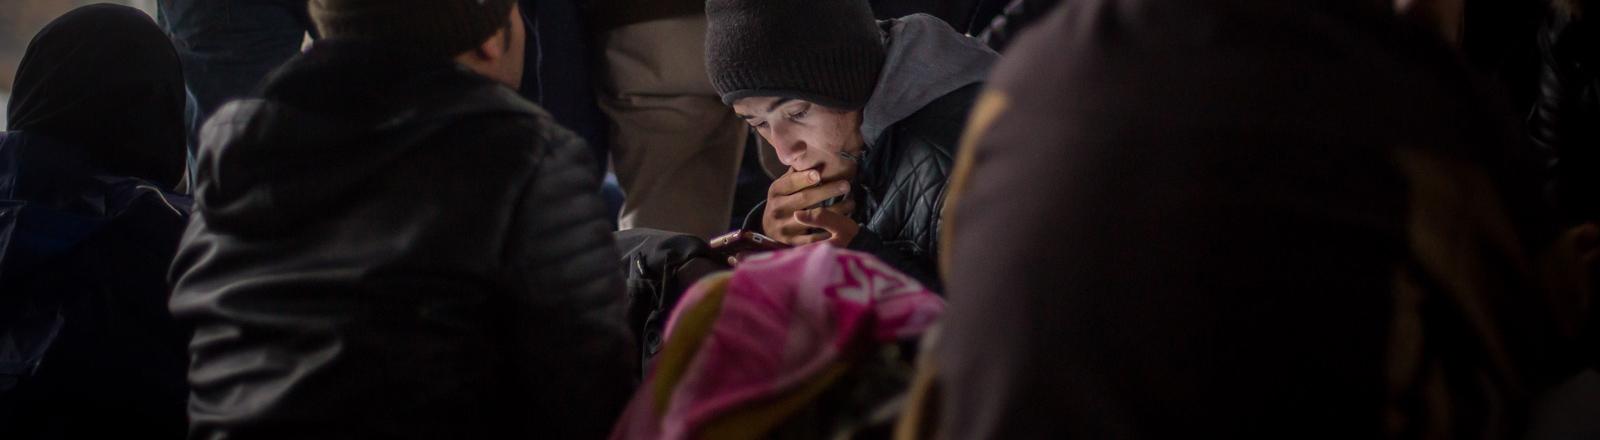 Ein Flüchtling aus Afghanistan wartet am 29.10.2015 an der Grenze zu Österreich in Sentilj (Slowenien) und schaut auf sein Smartphone.